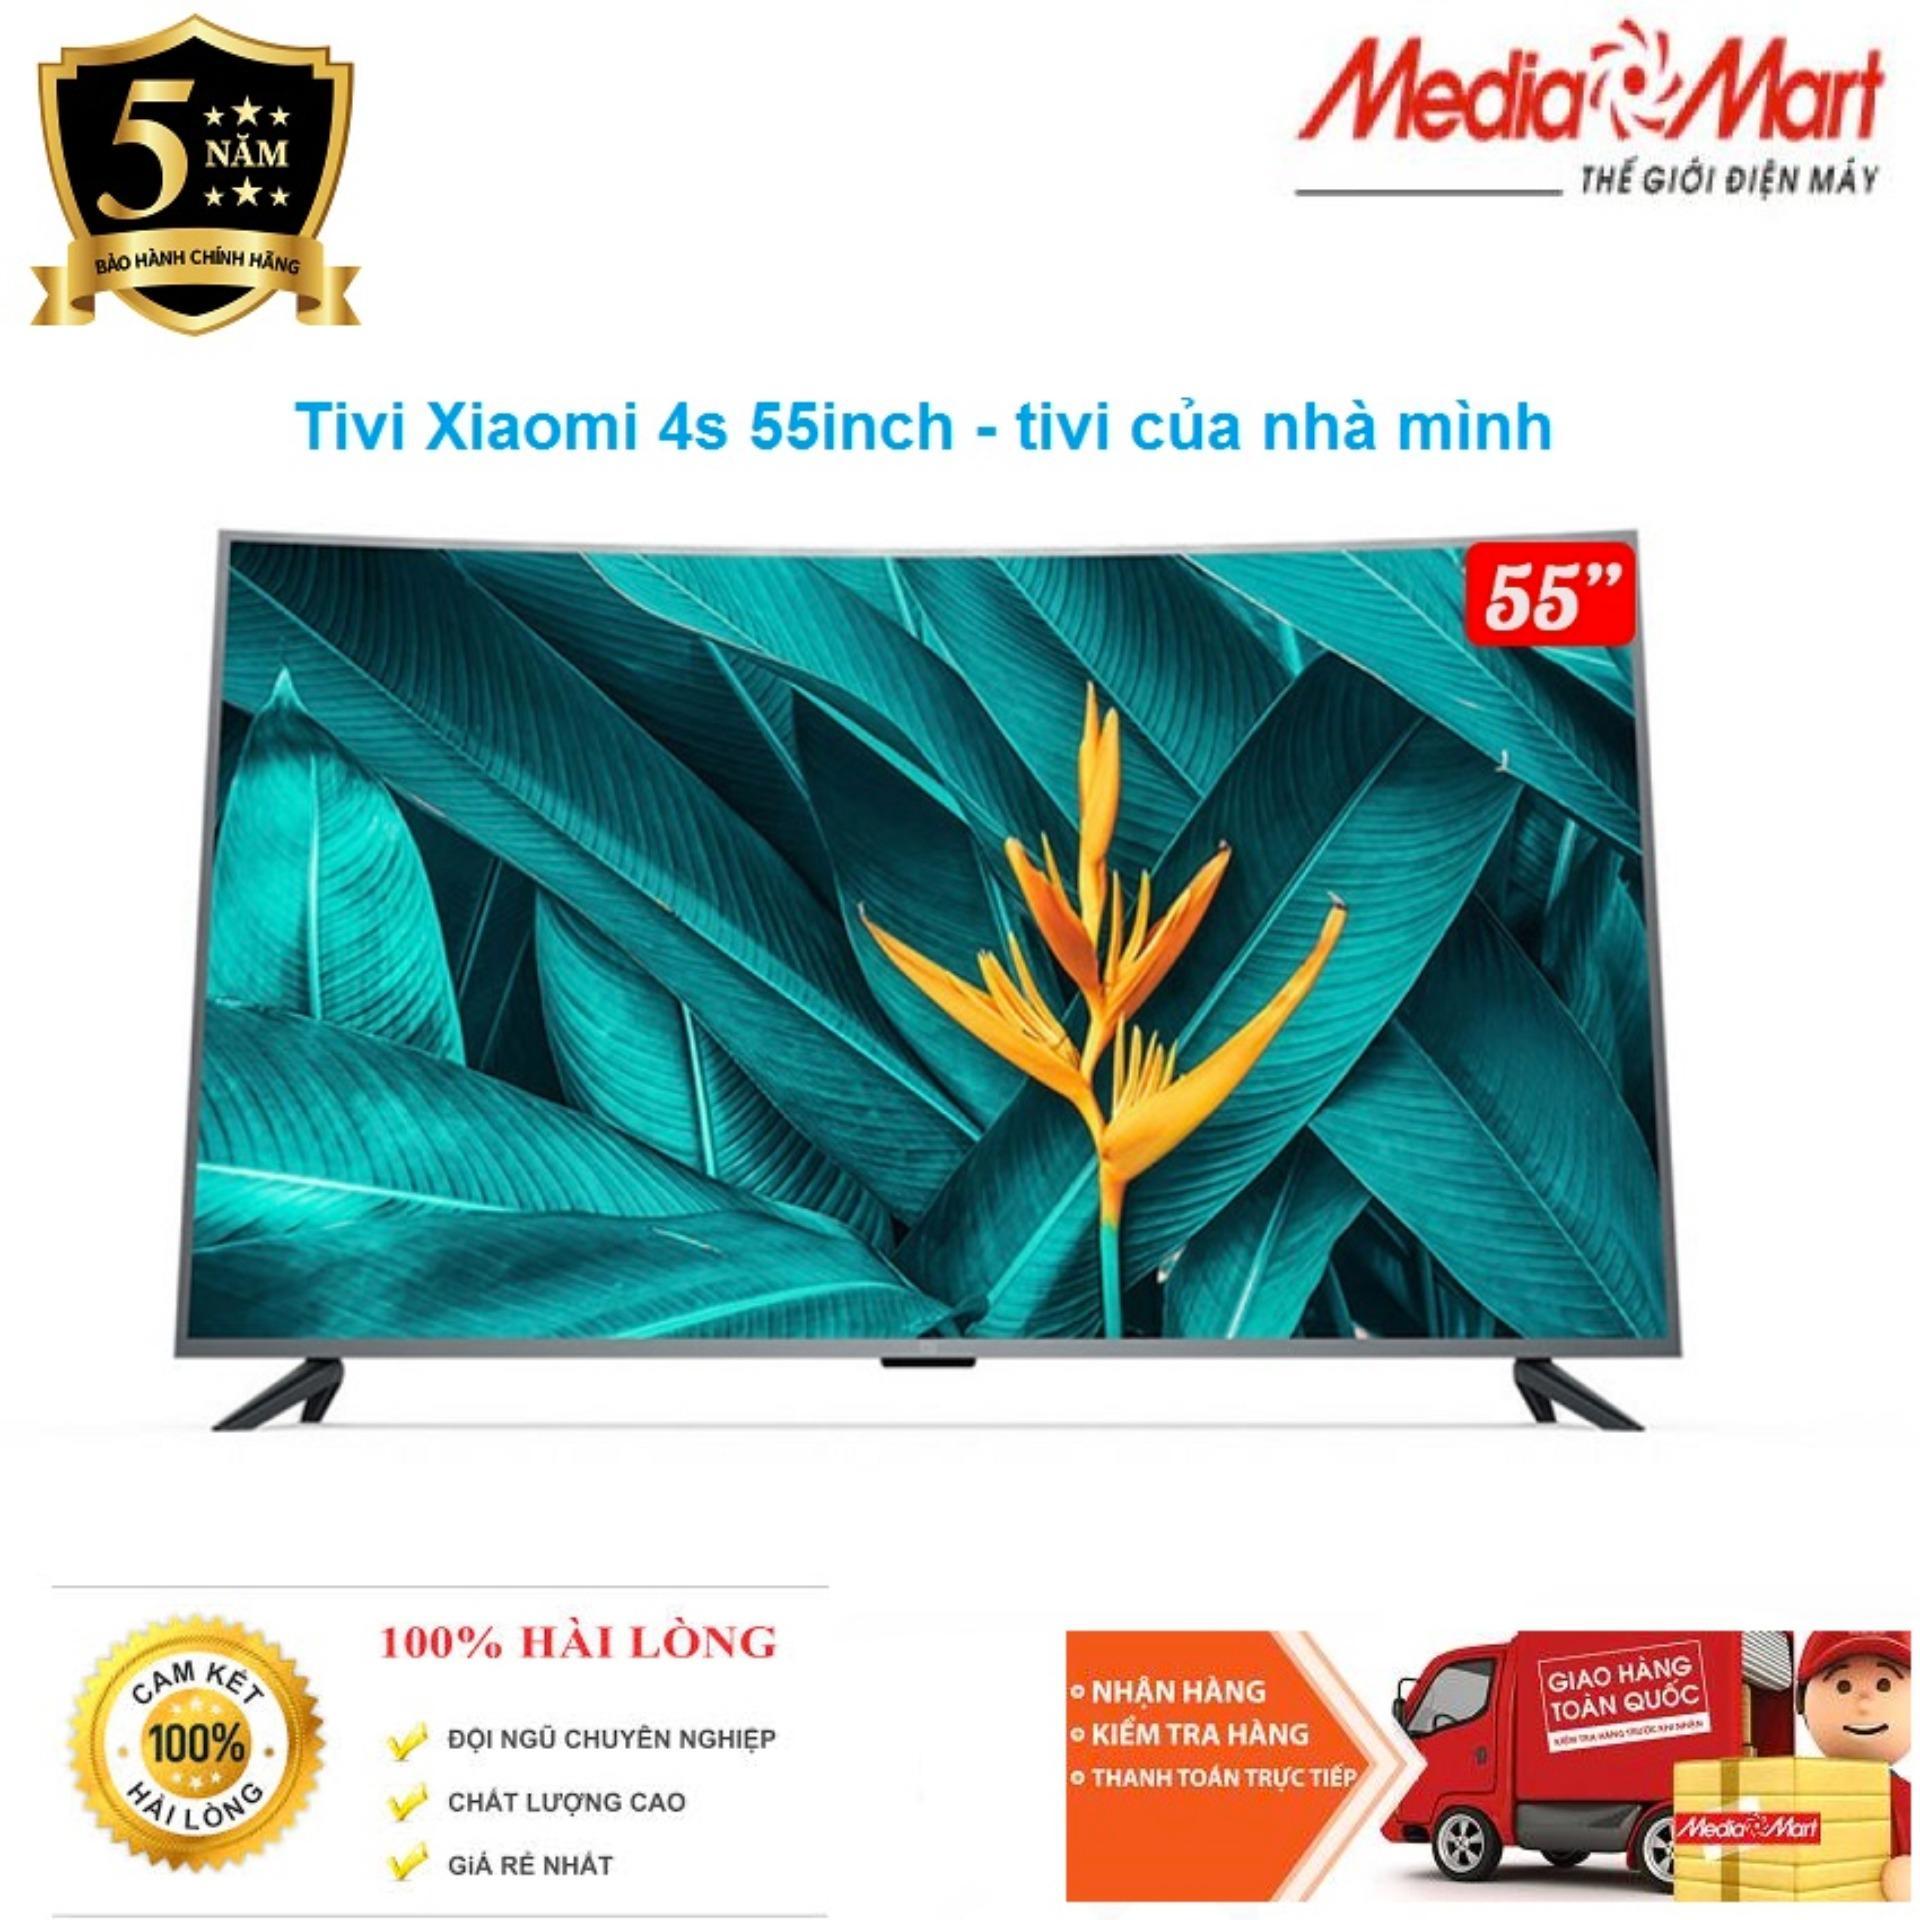 Bảng giá Smart TV Xiaomi 4S 55inch màn hình Cong